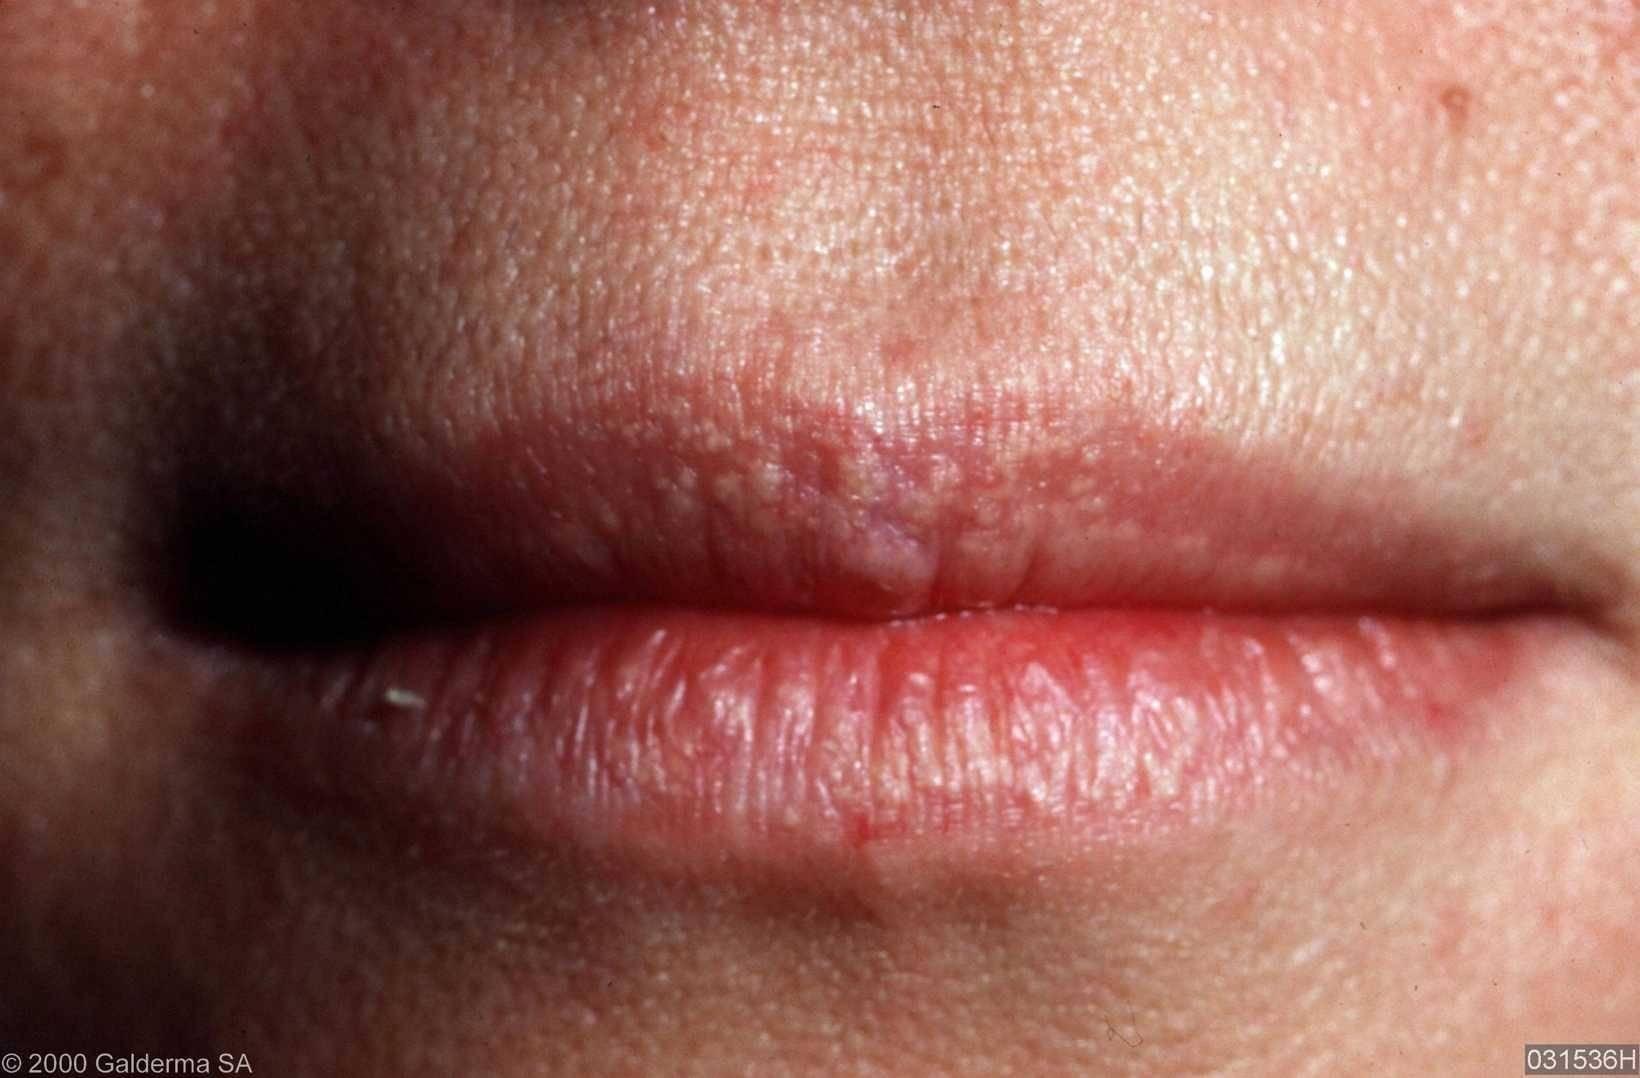 Можно ли заразиться вич через герпес на губе